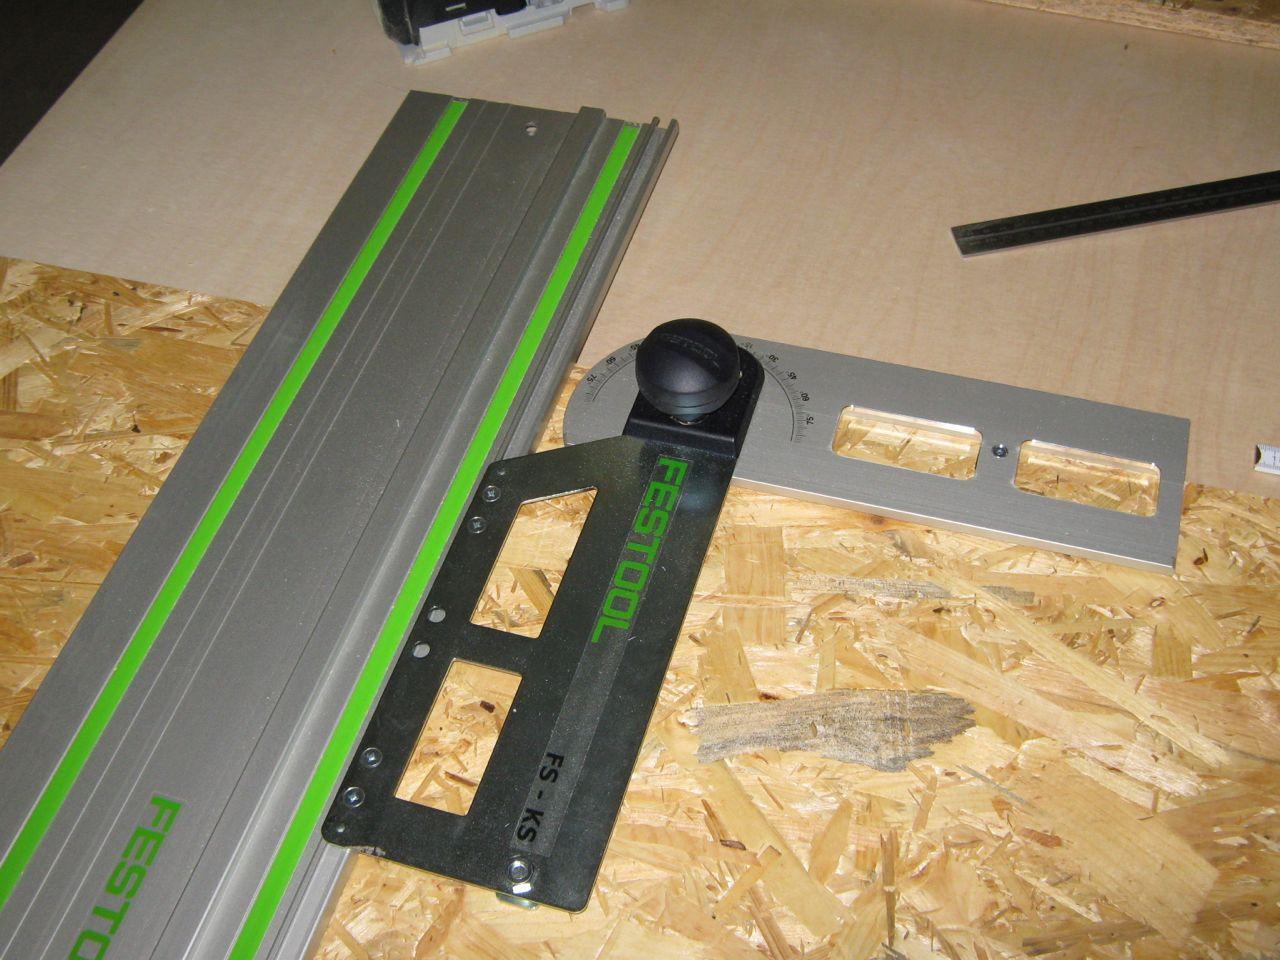 schrankbau im system32 teil 2 zuschnitt der holzplatten holz und leim. Black Bedroom Furniture Sets. Home Design Ideas